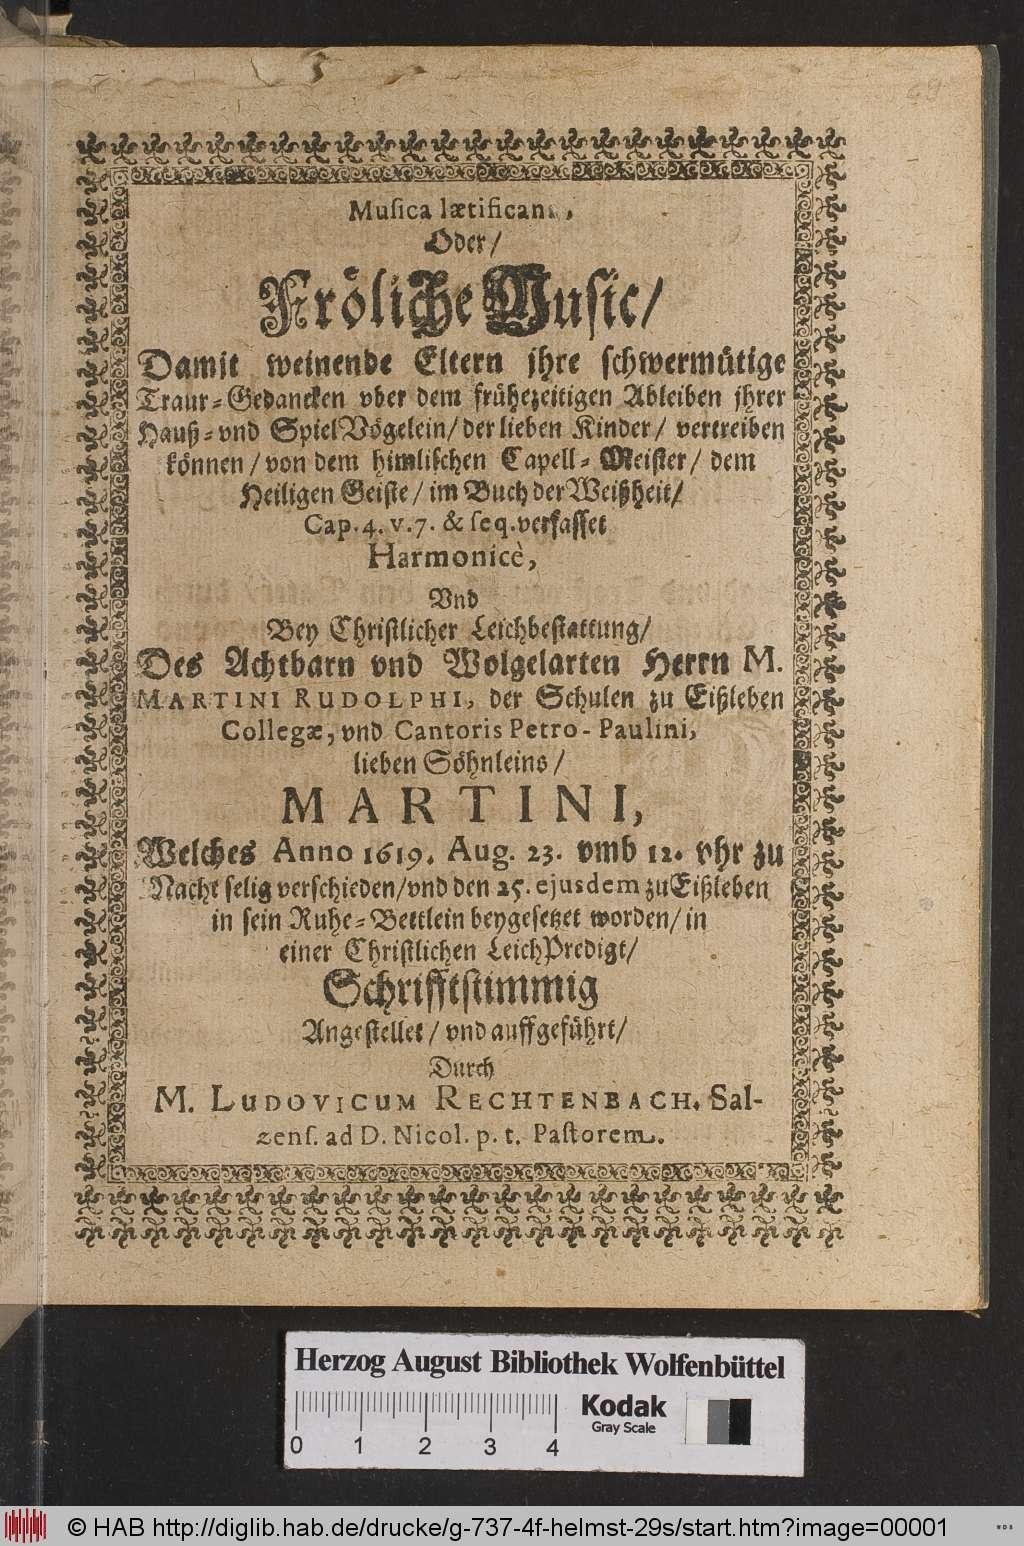 http://diglib.hab.de/drucke/g-737-4f-helmst-29s/00001.jpg